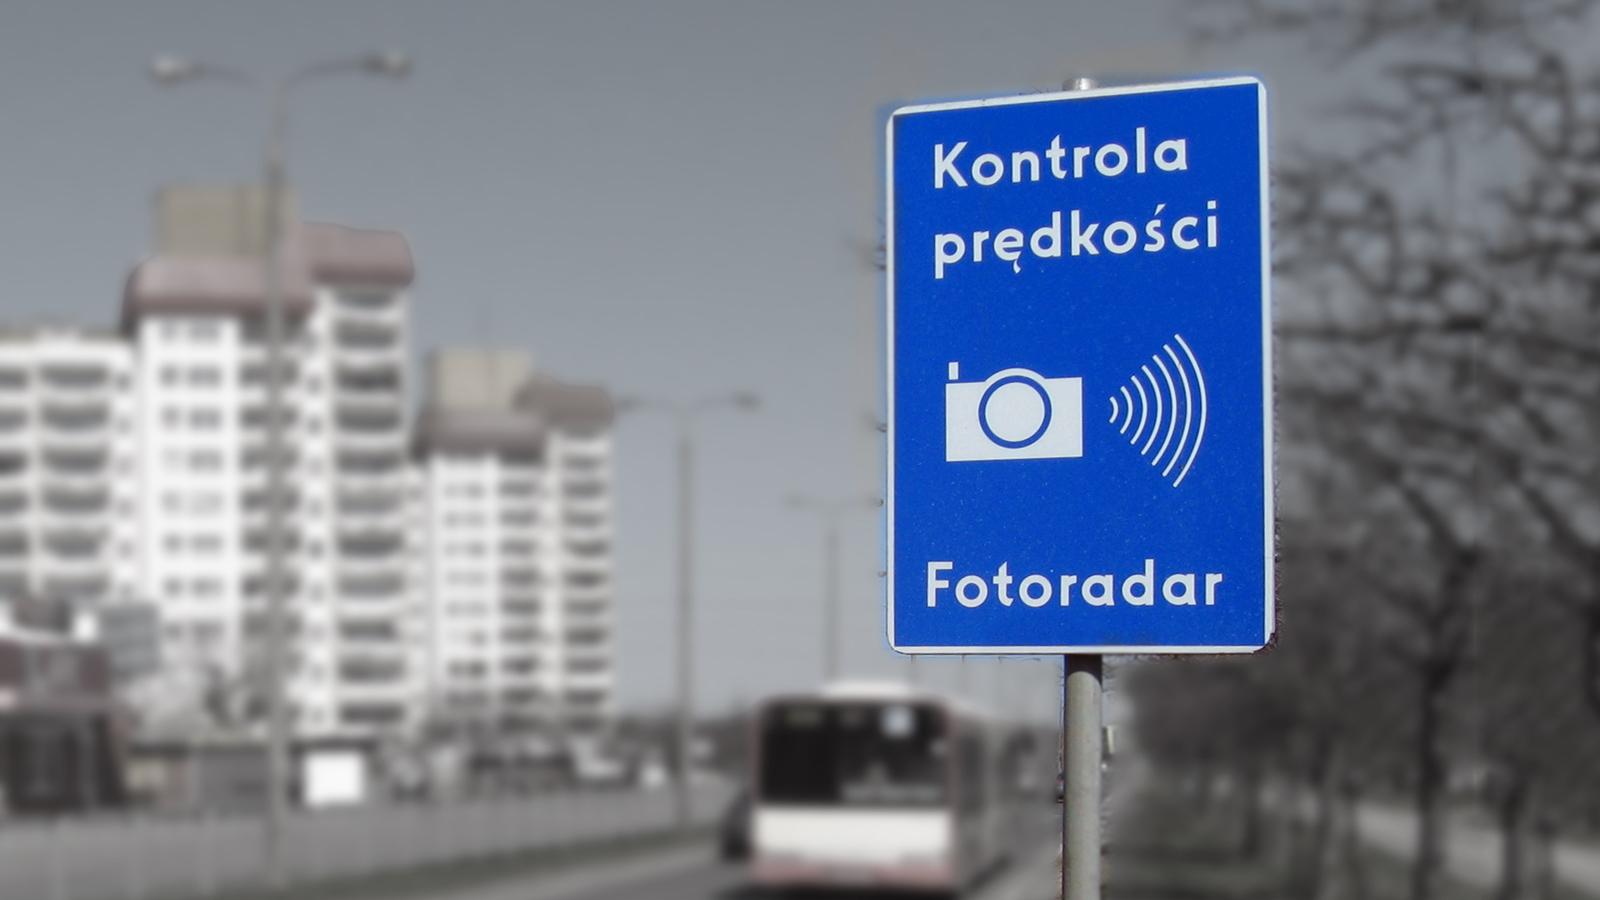 stacjonarne fotoradary